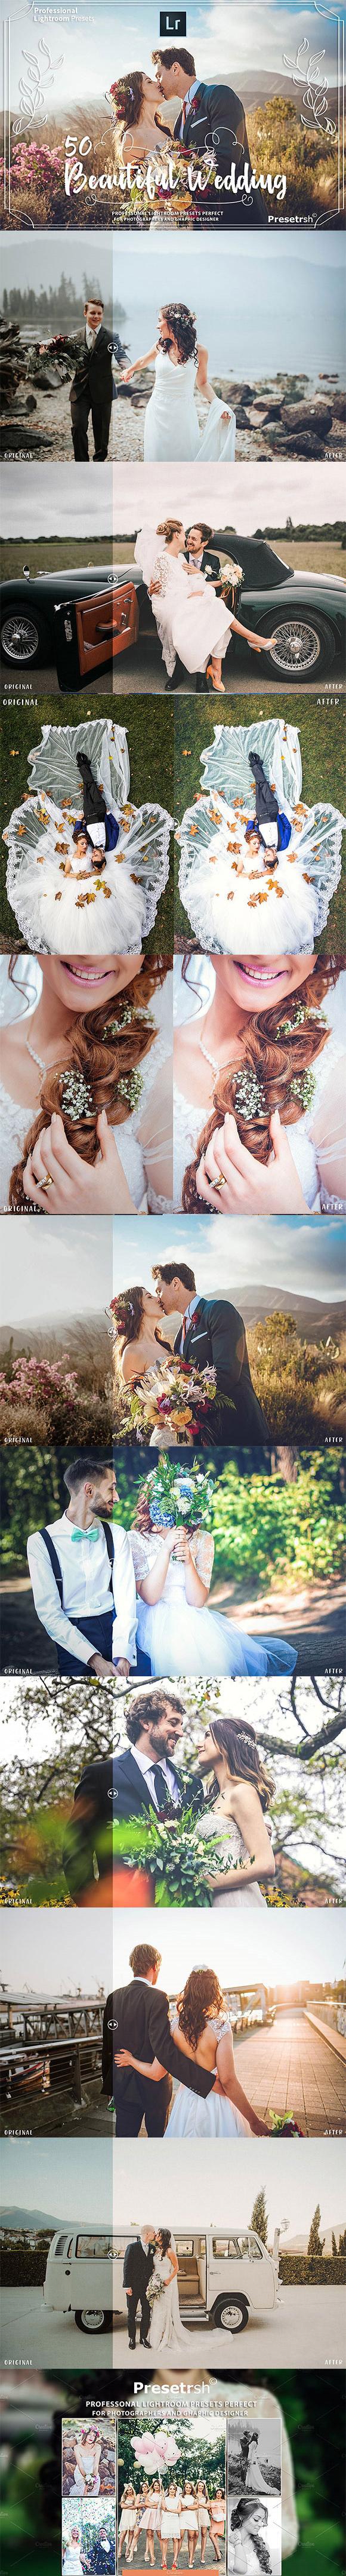 婚纱人像lr预设